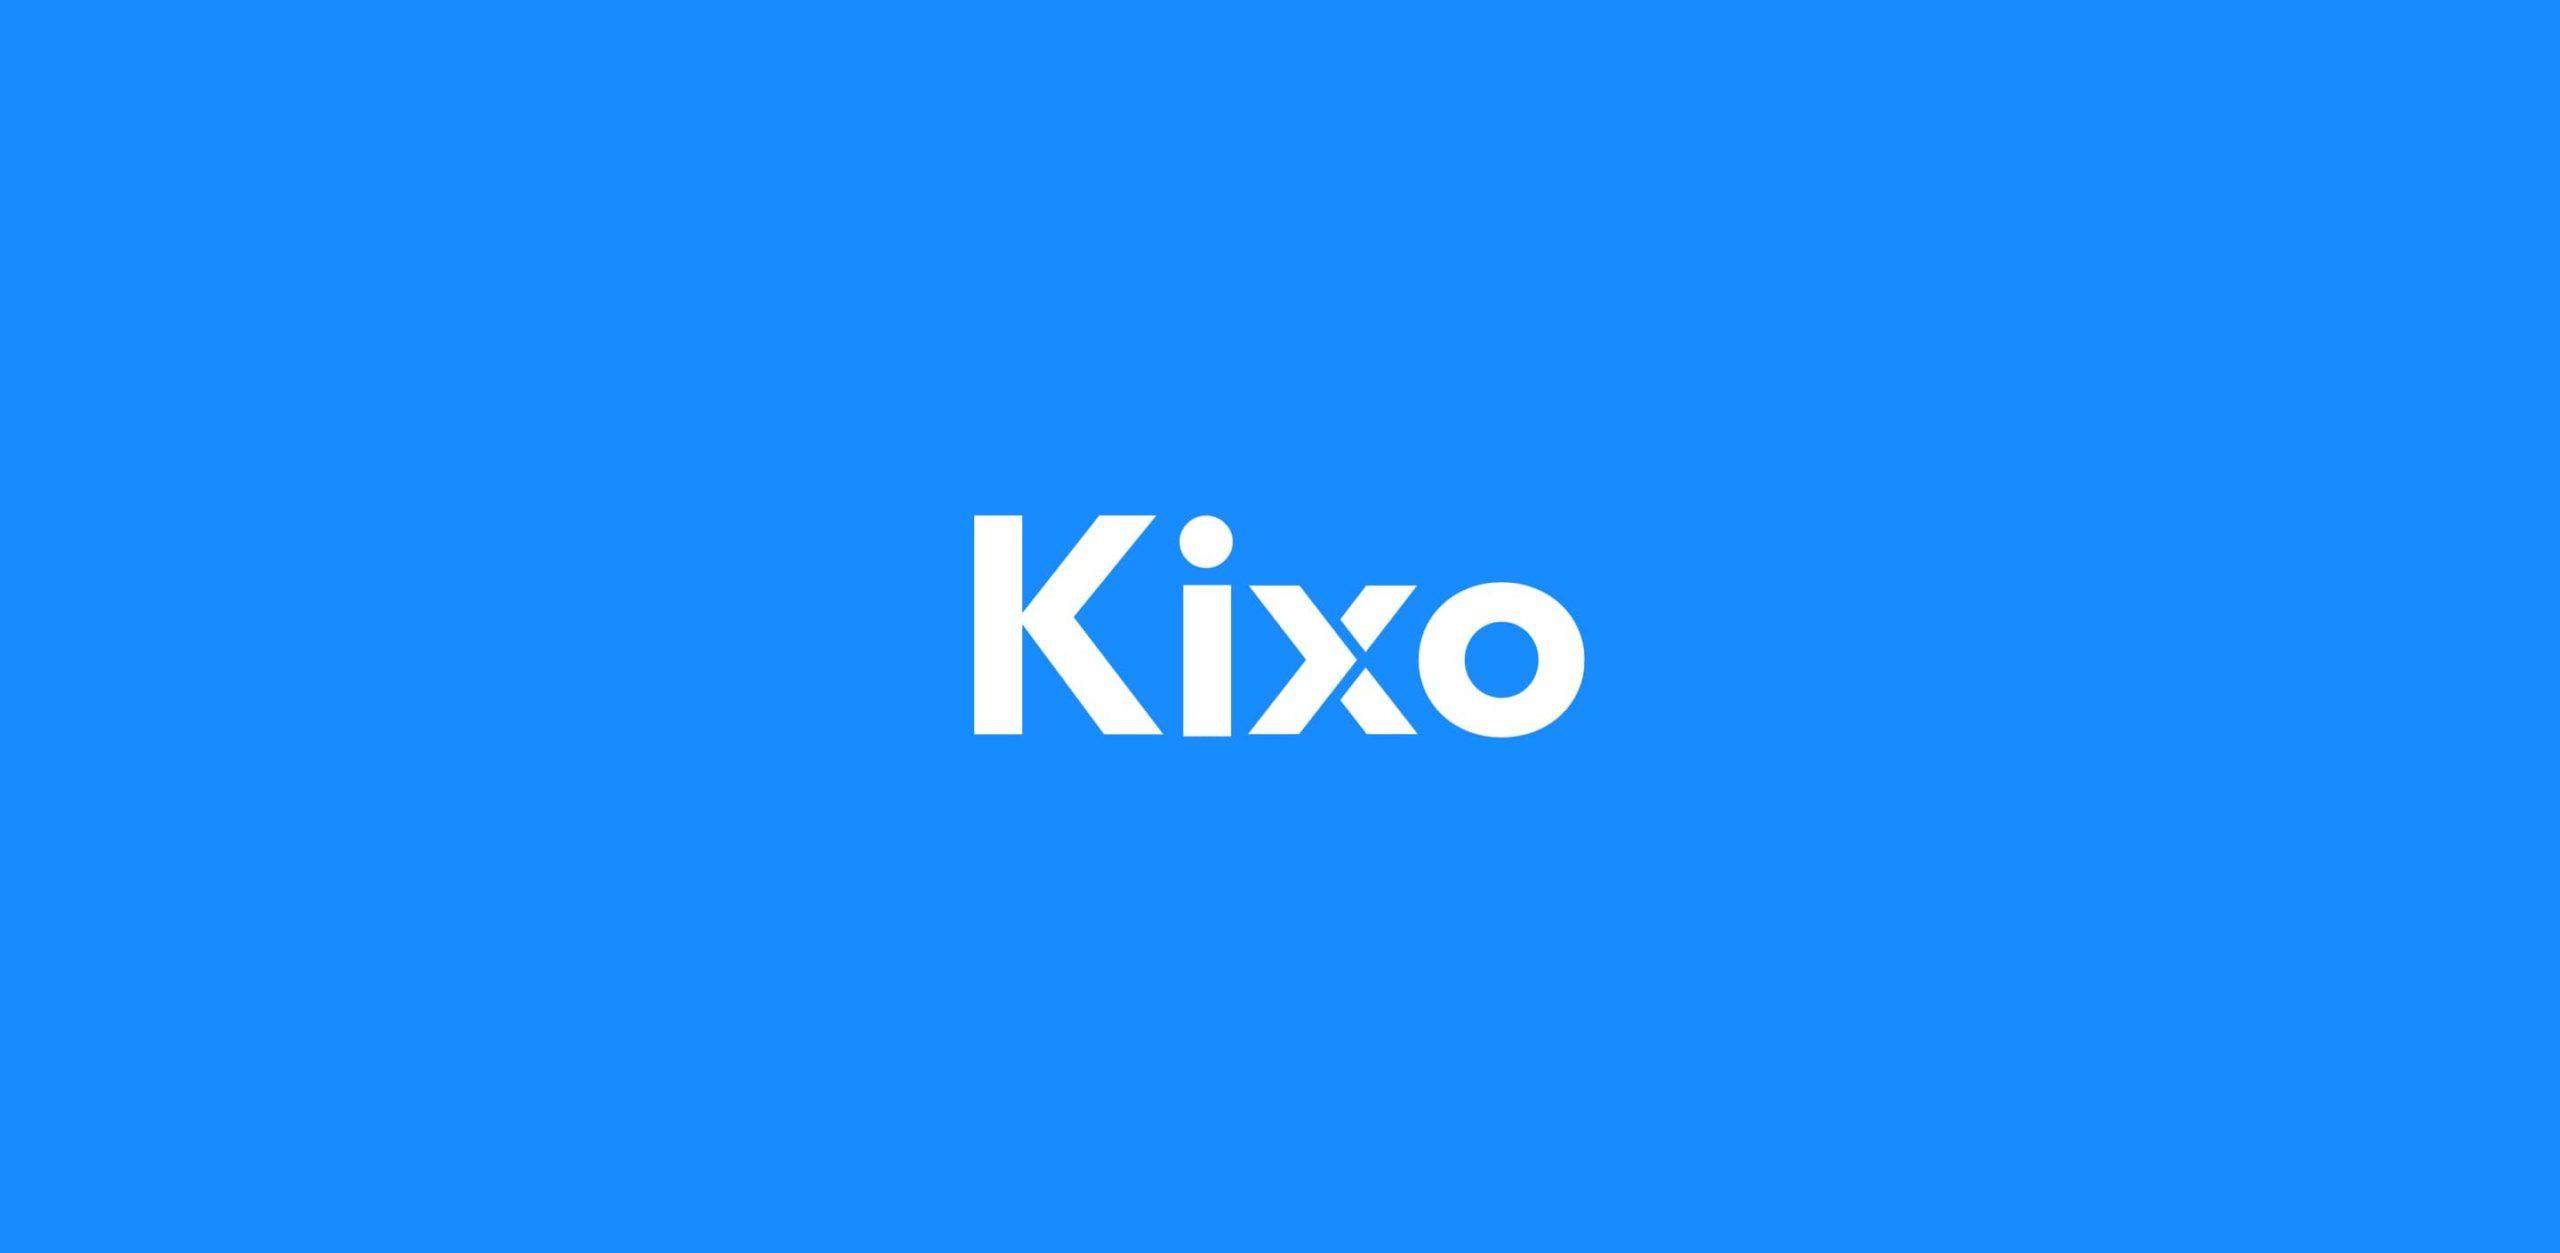 Kixo branding